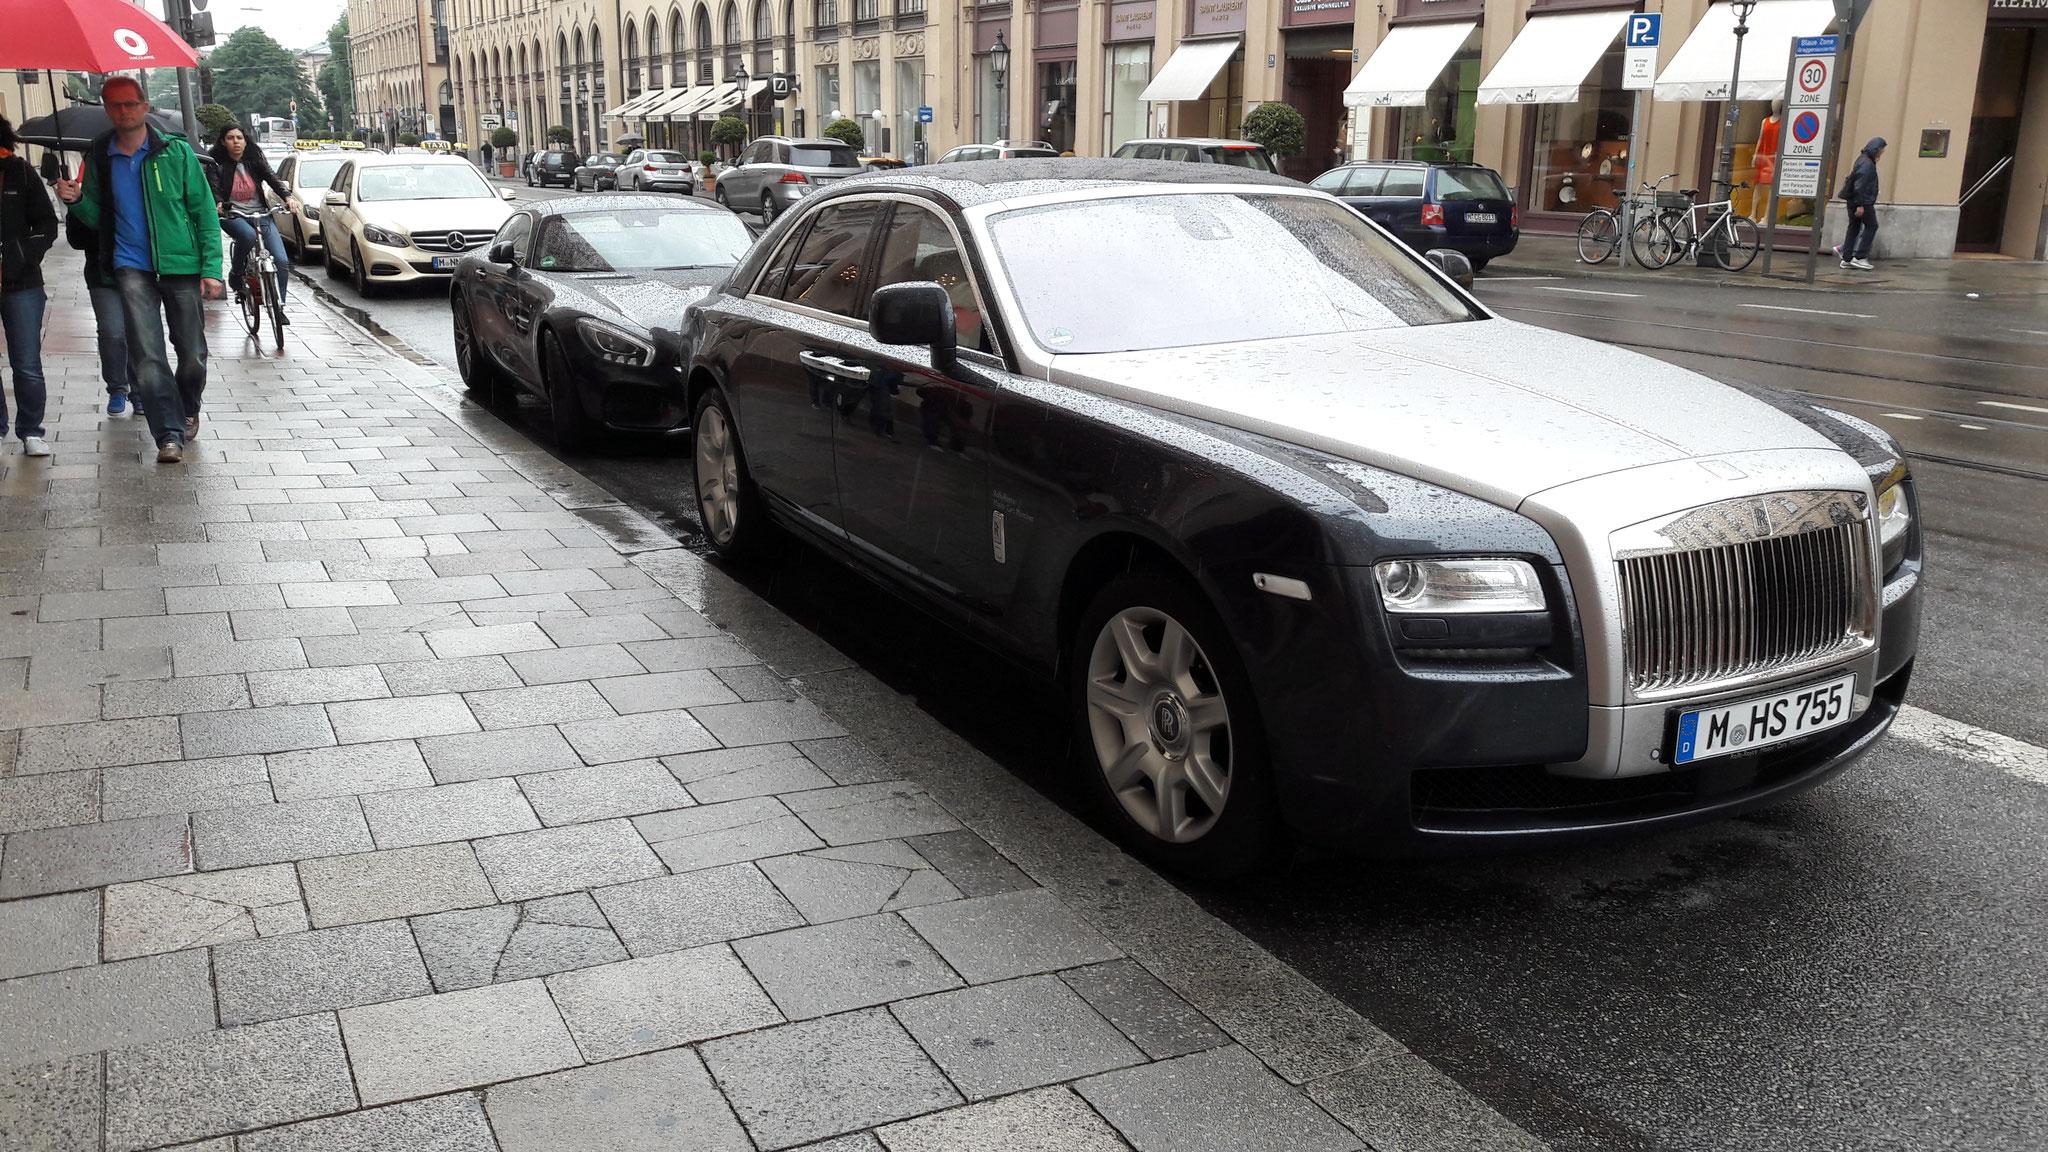 Rolls Royce Ghost - N-HS-755